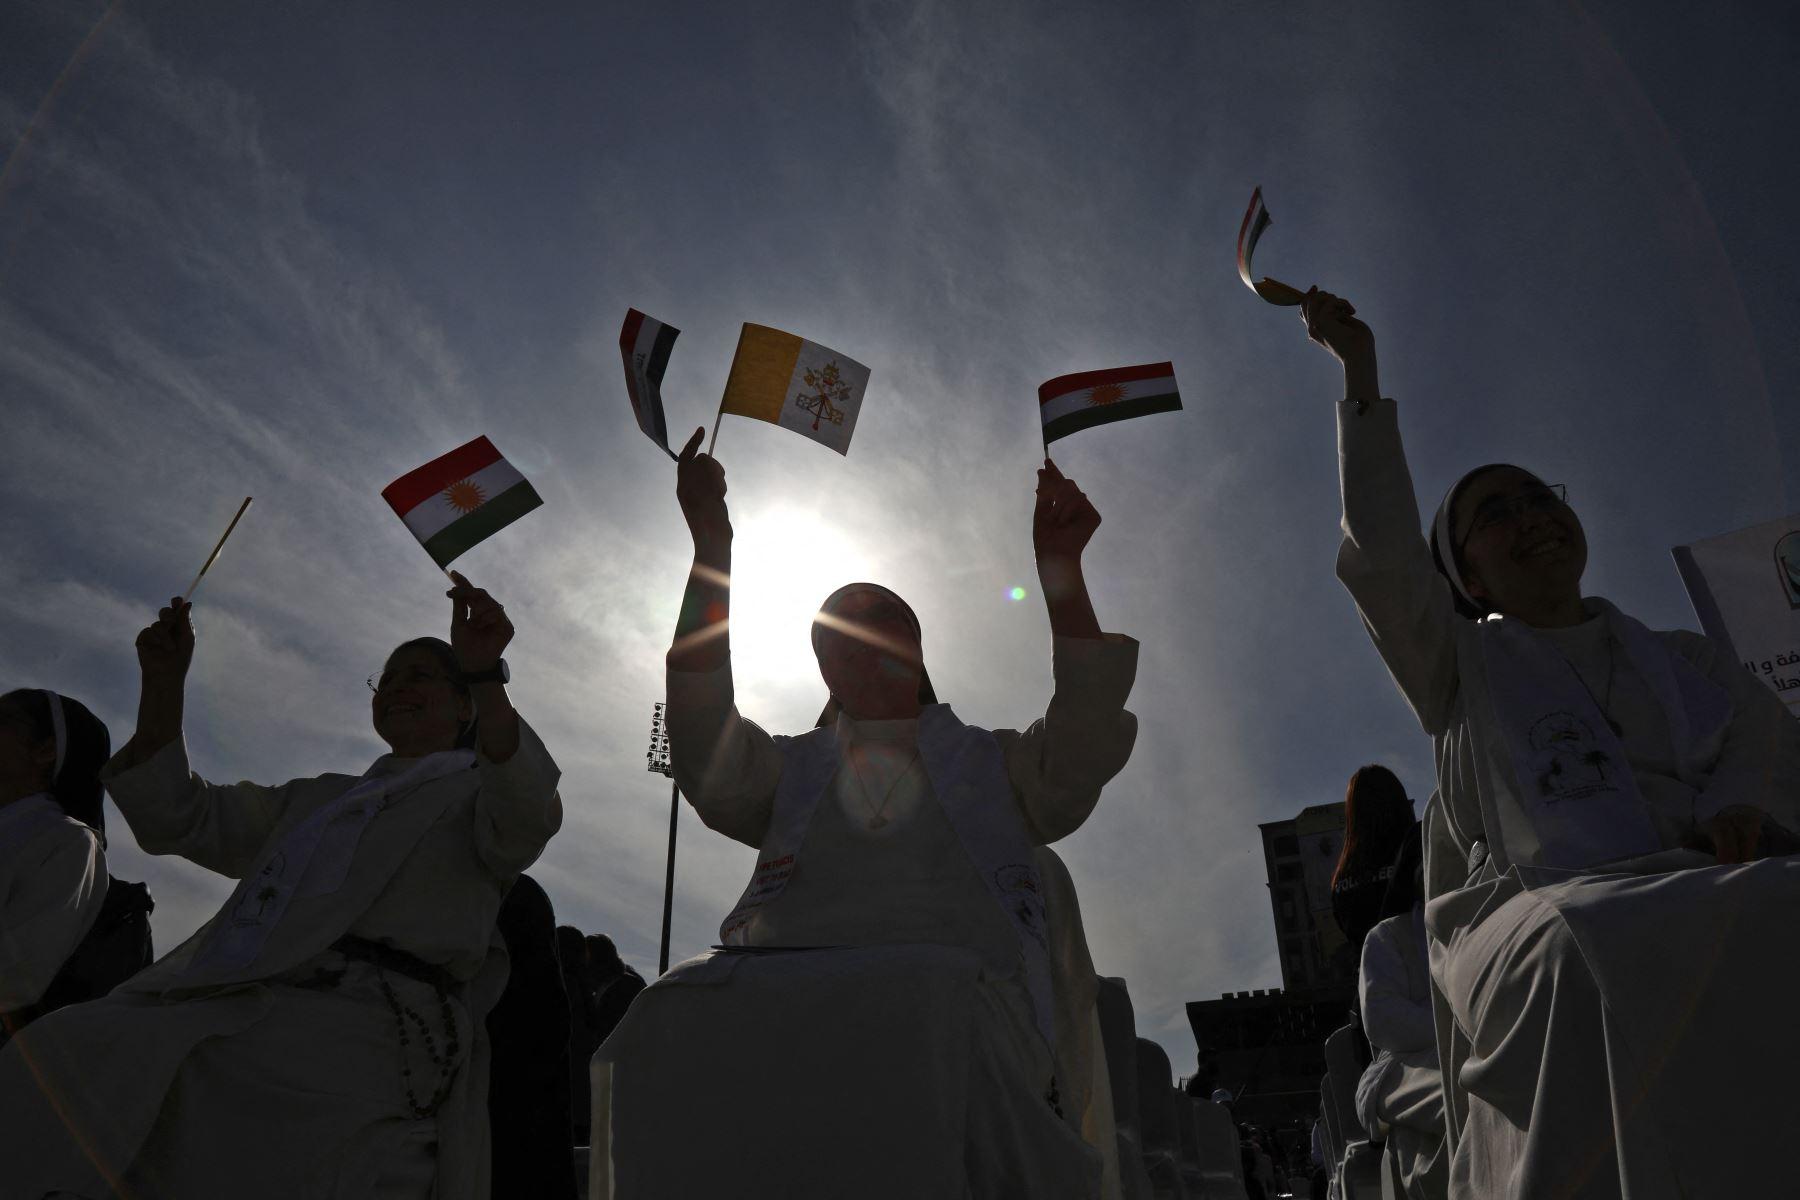 Una monja ondea banderas de Irak, Kurdistán y la Santa Sede mientras espera la llegada del Papa Francisco al Estadio Franso Hariri en Arbil, en la capital de la región autónoma kurda del norte de Irak.  Foto: AFP